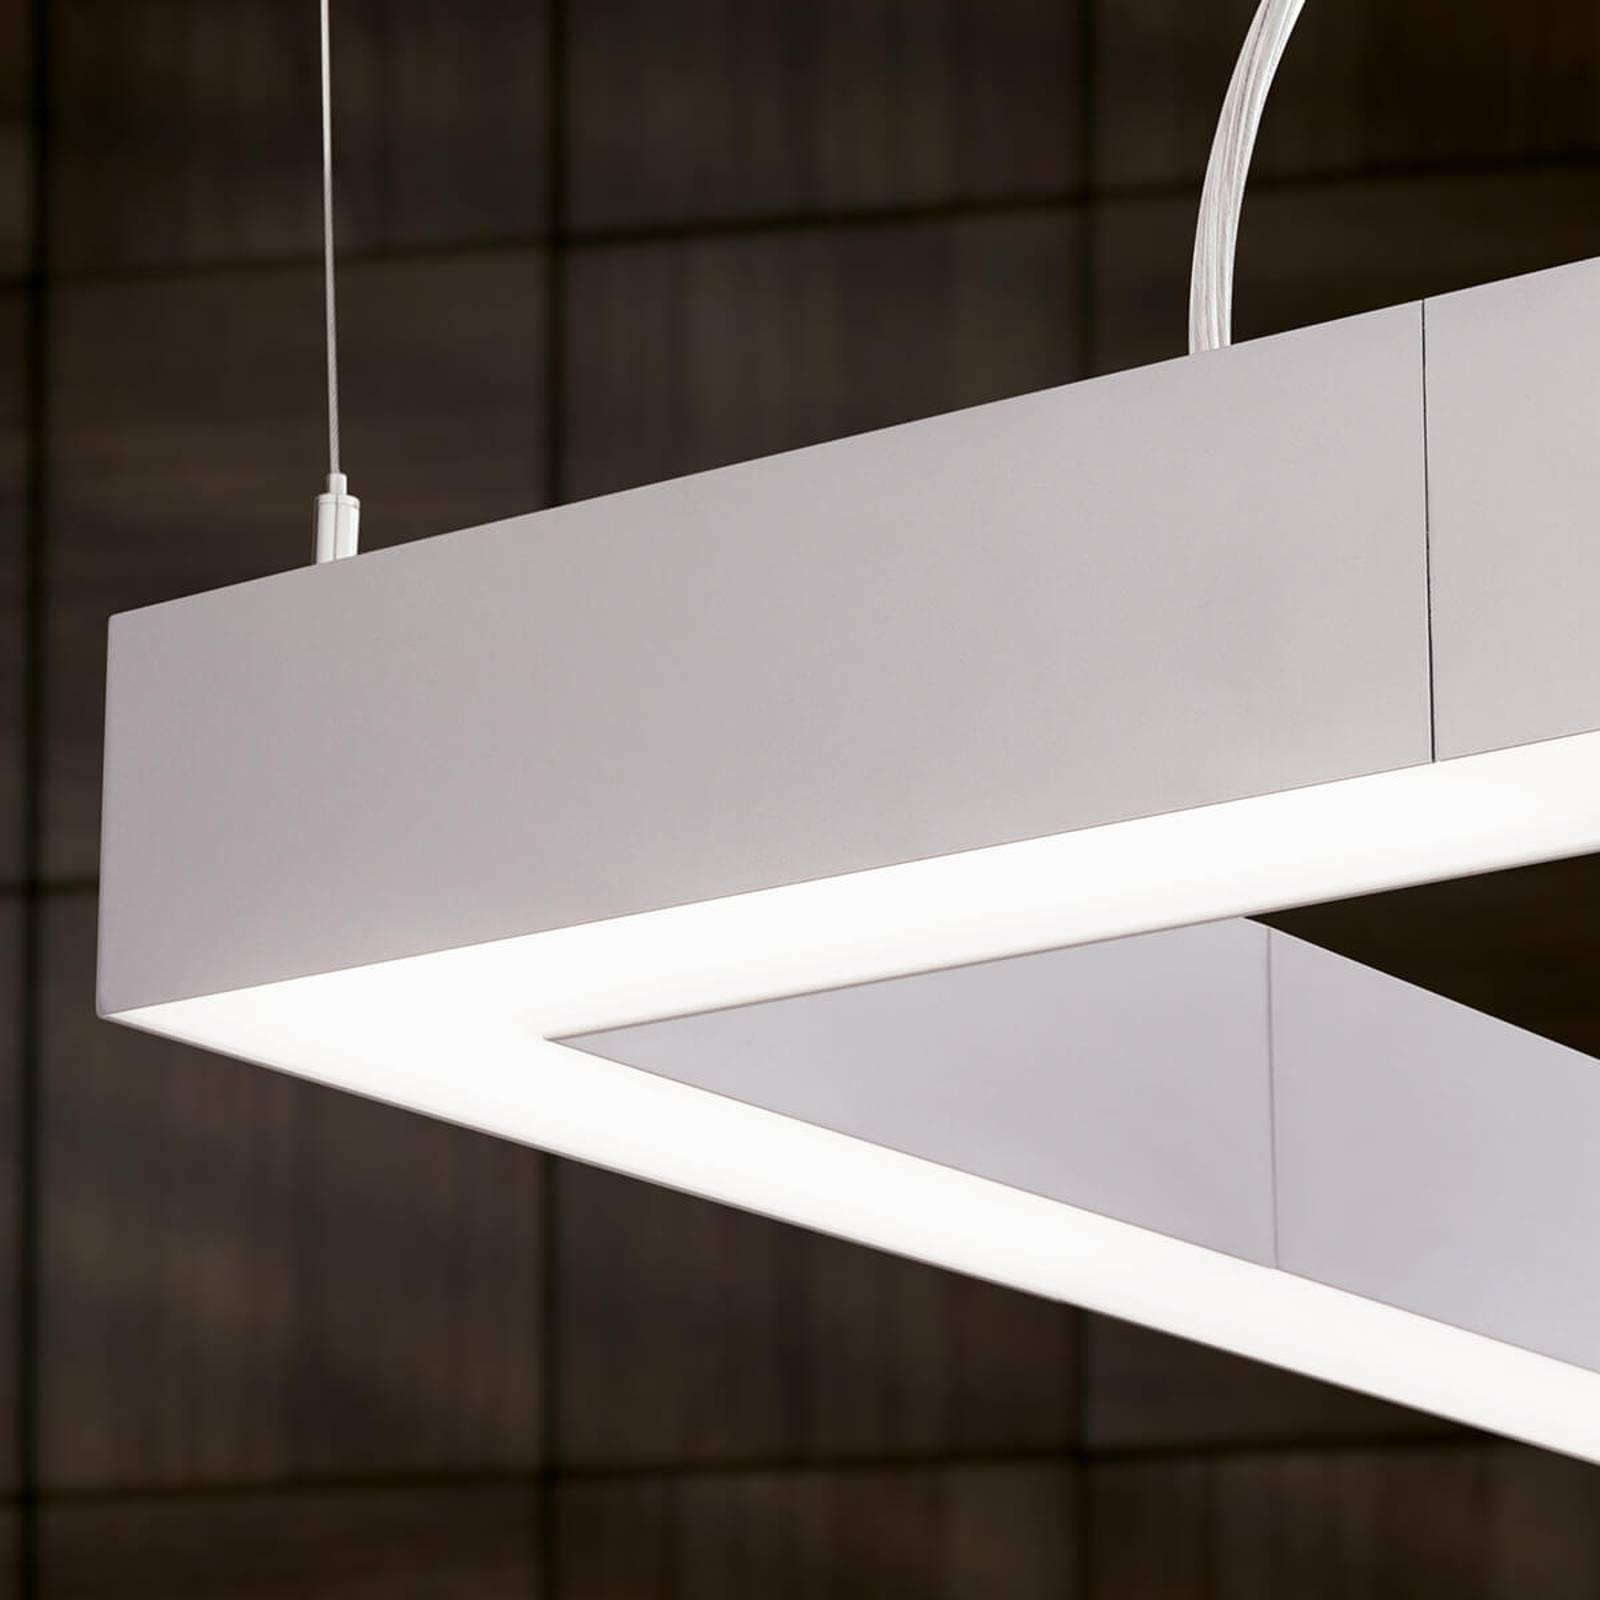 deckenlampen von orion und andere lampen f r wohnzimmer online kaufen bei m bel garten. Black Bedroom Furniture Sets. Home Design Ideas